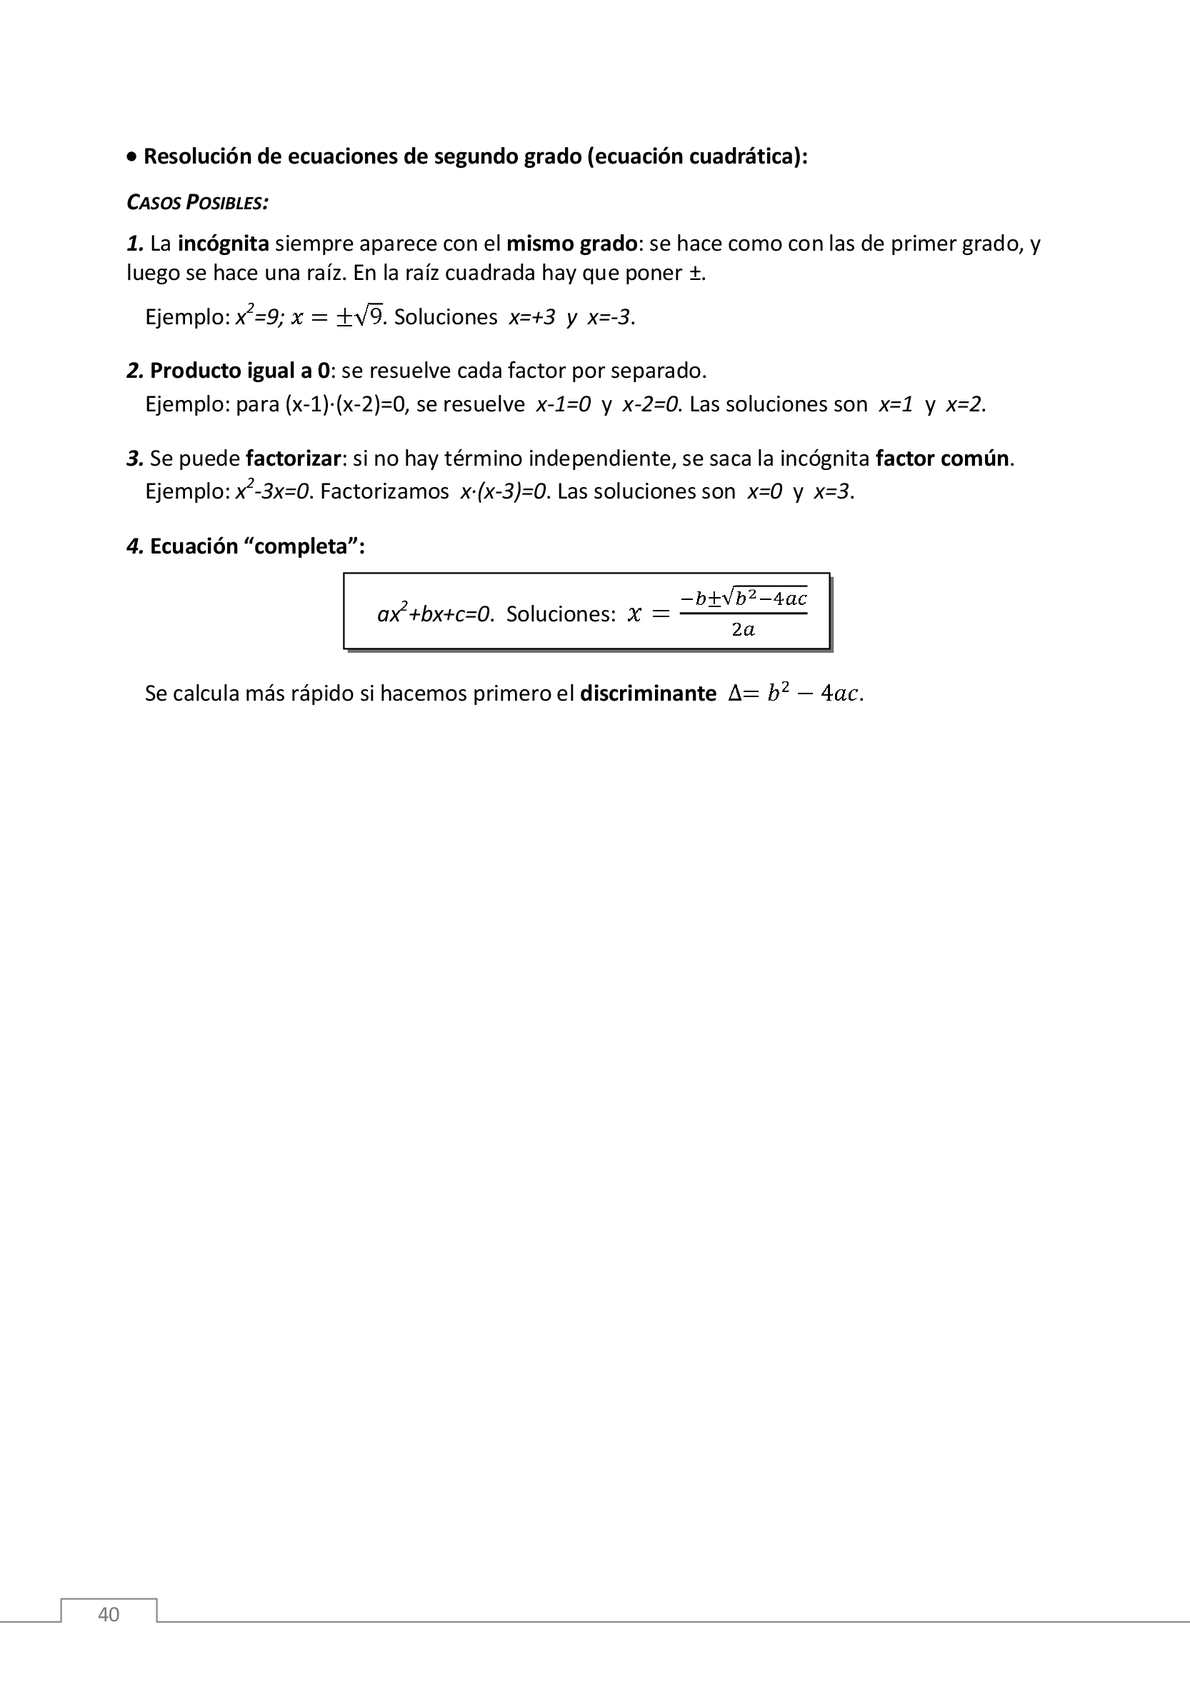 Apuntes-2ºESO-SpanishEnglish - CALAMEO Downloader